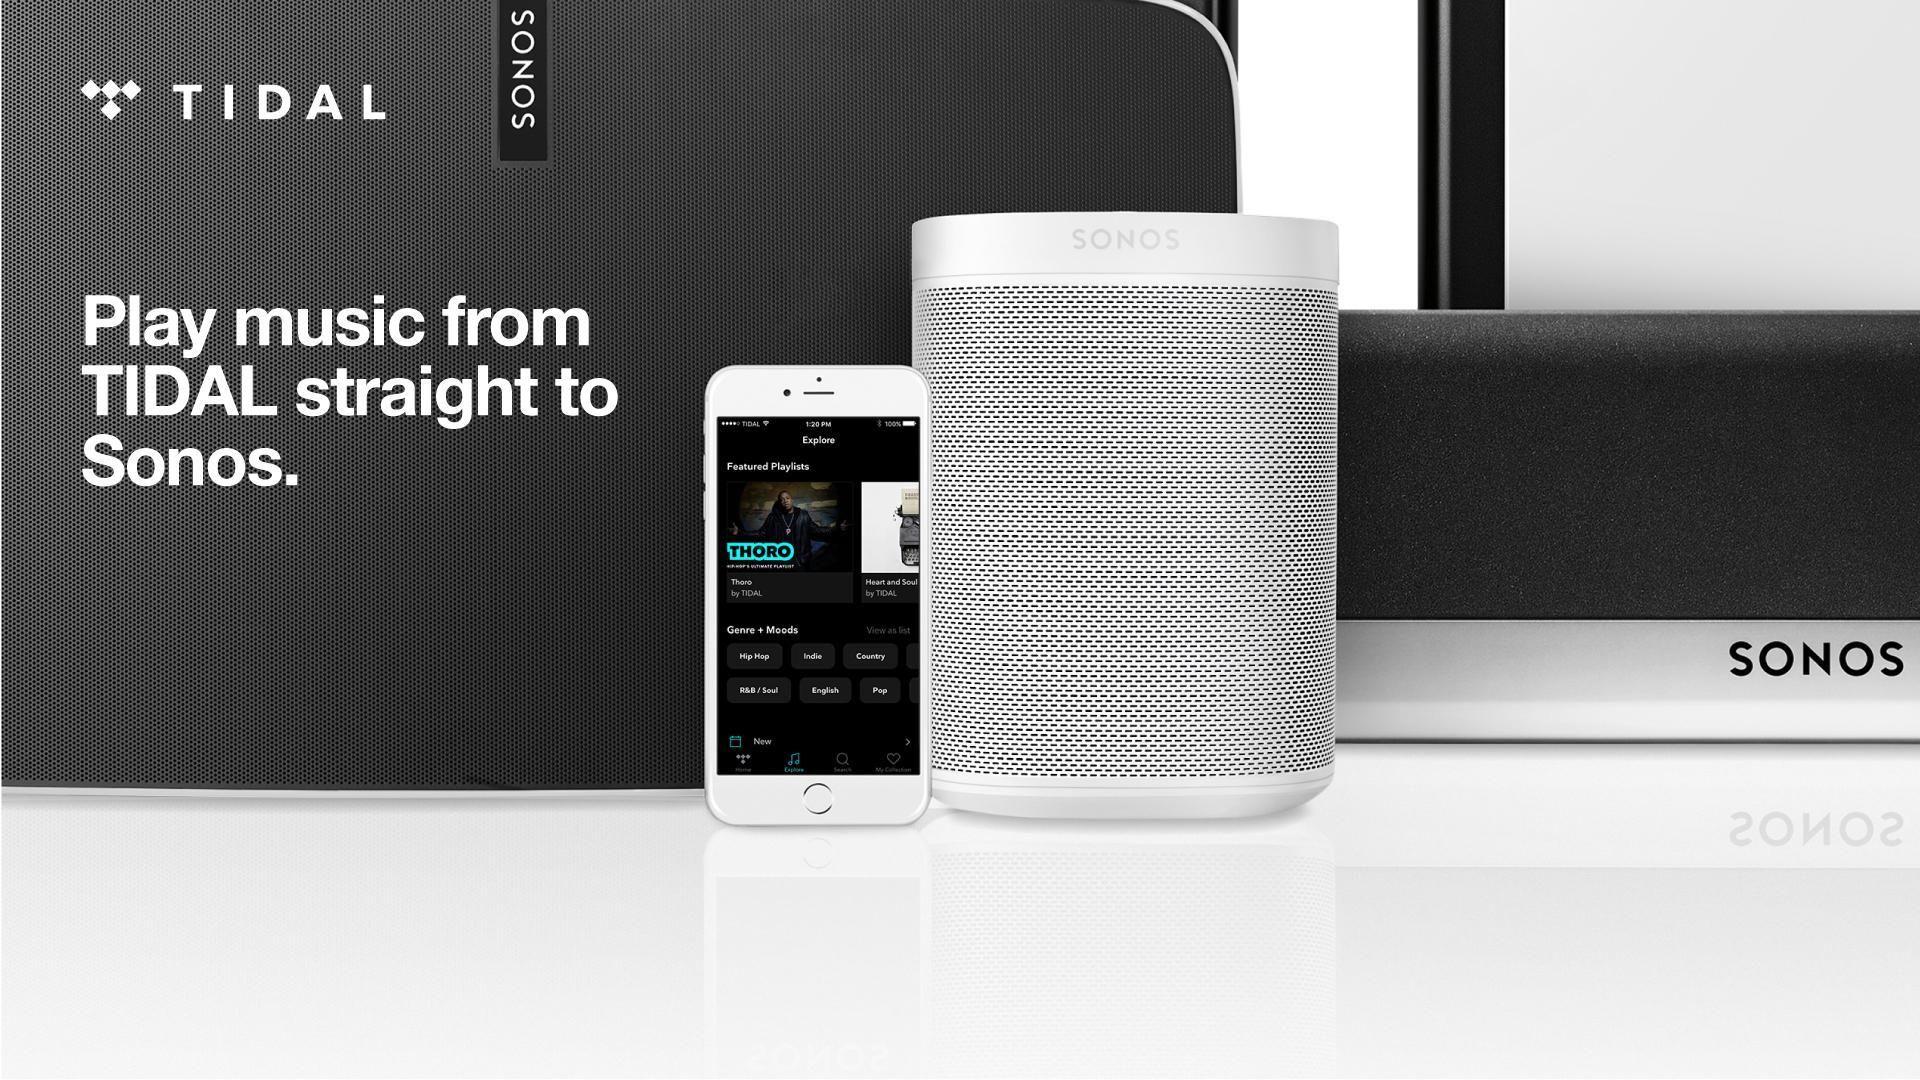 Dette er Tidal-funksjonen som alle Sonos-eiere har ventet på